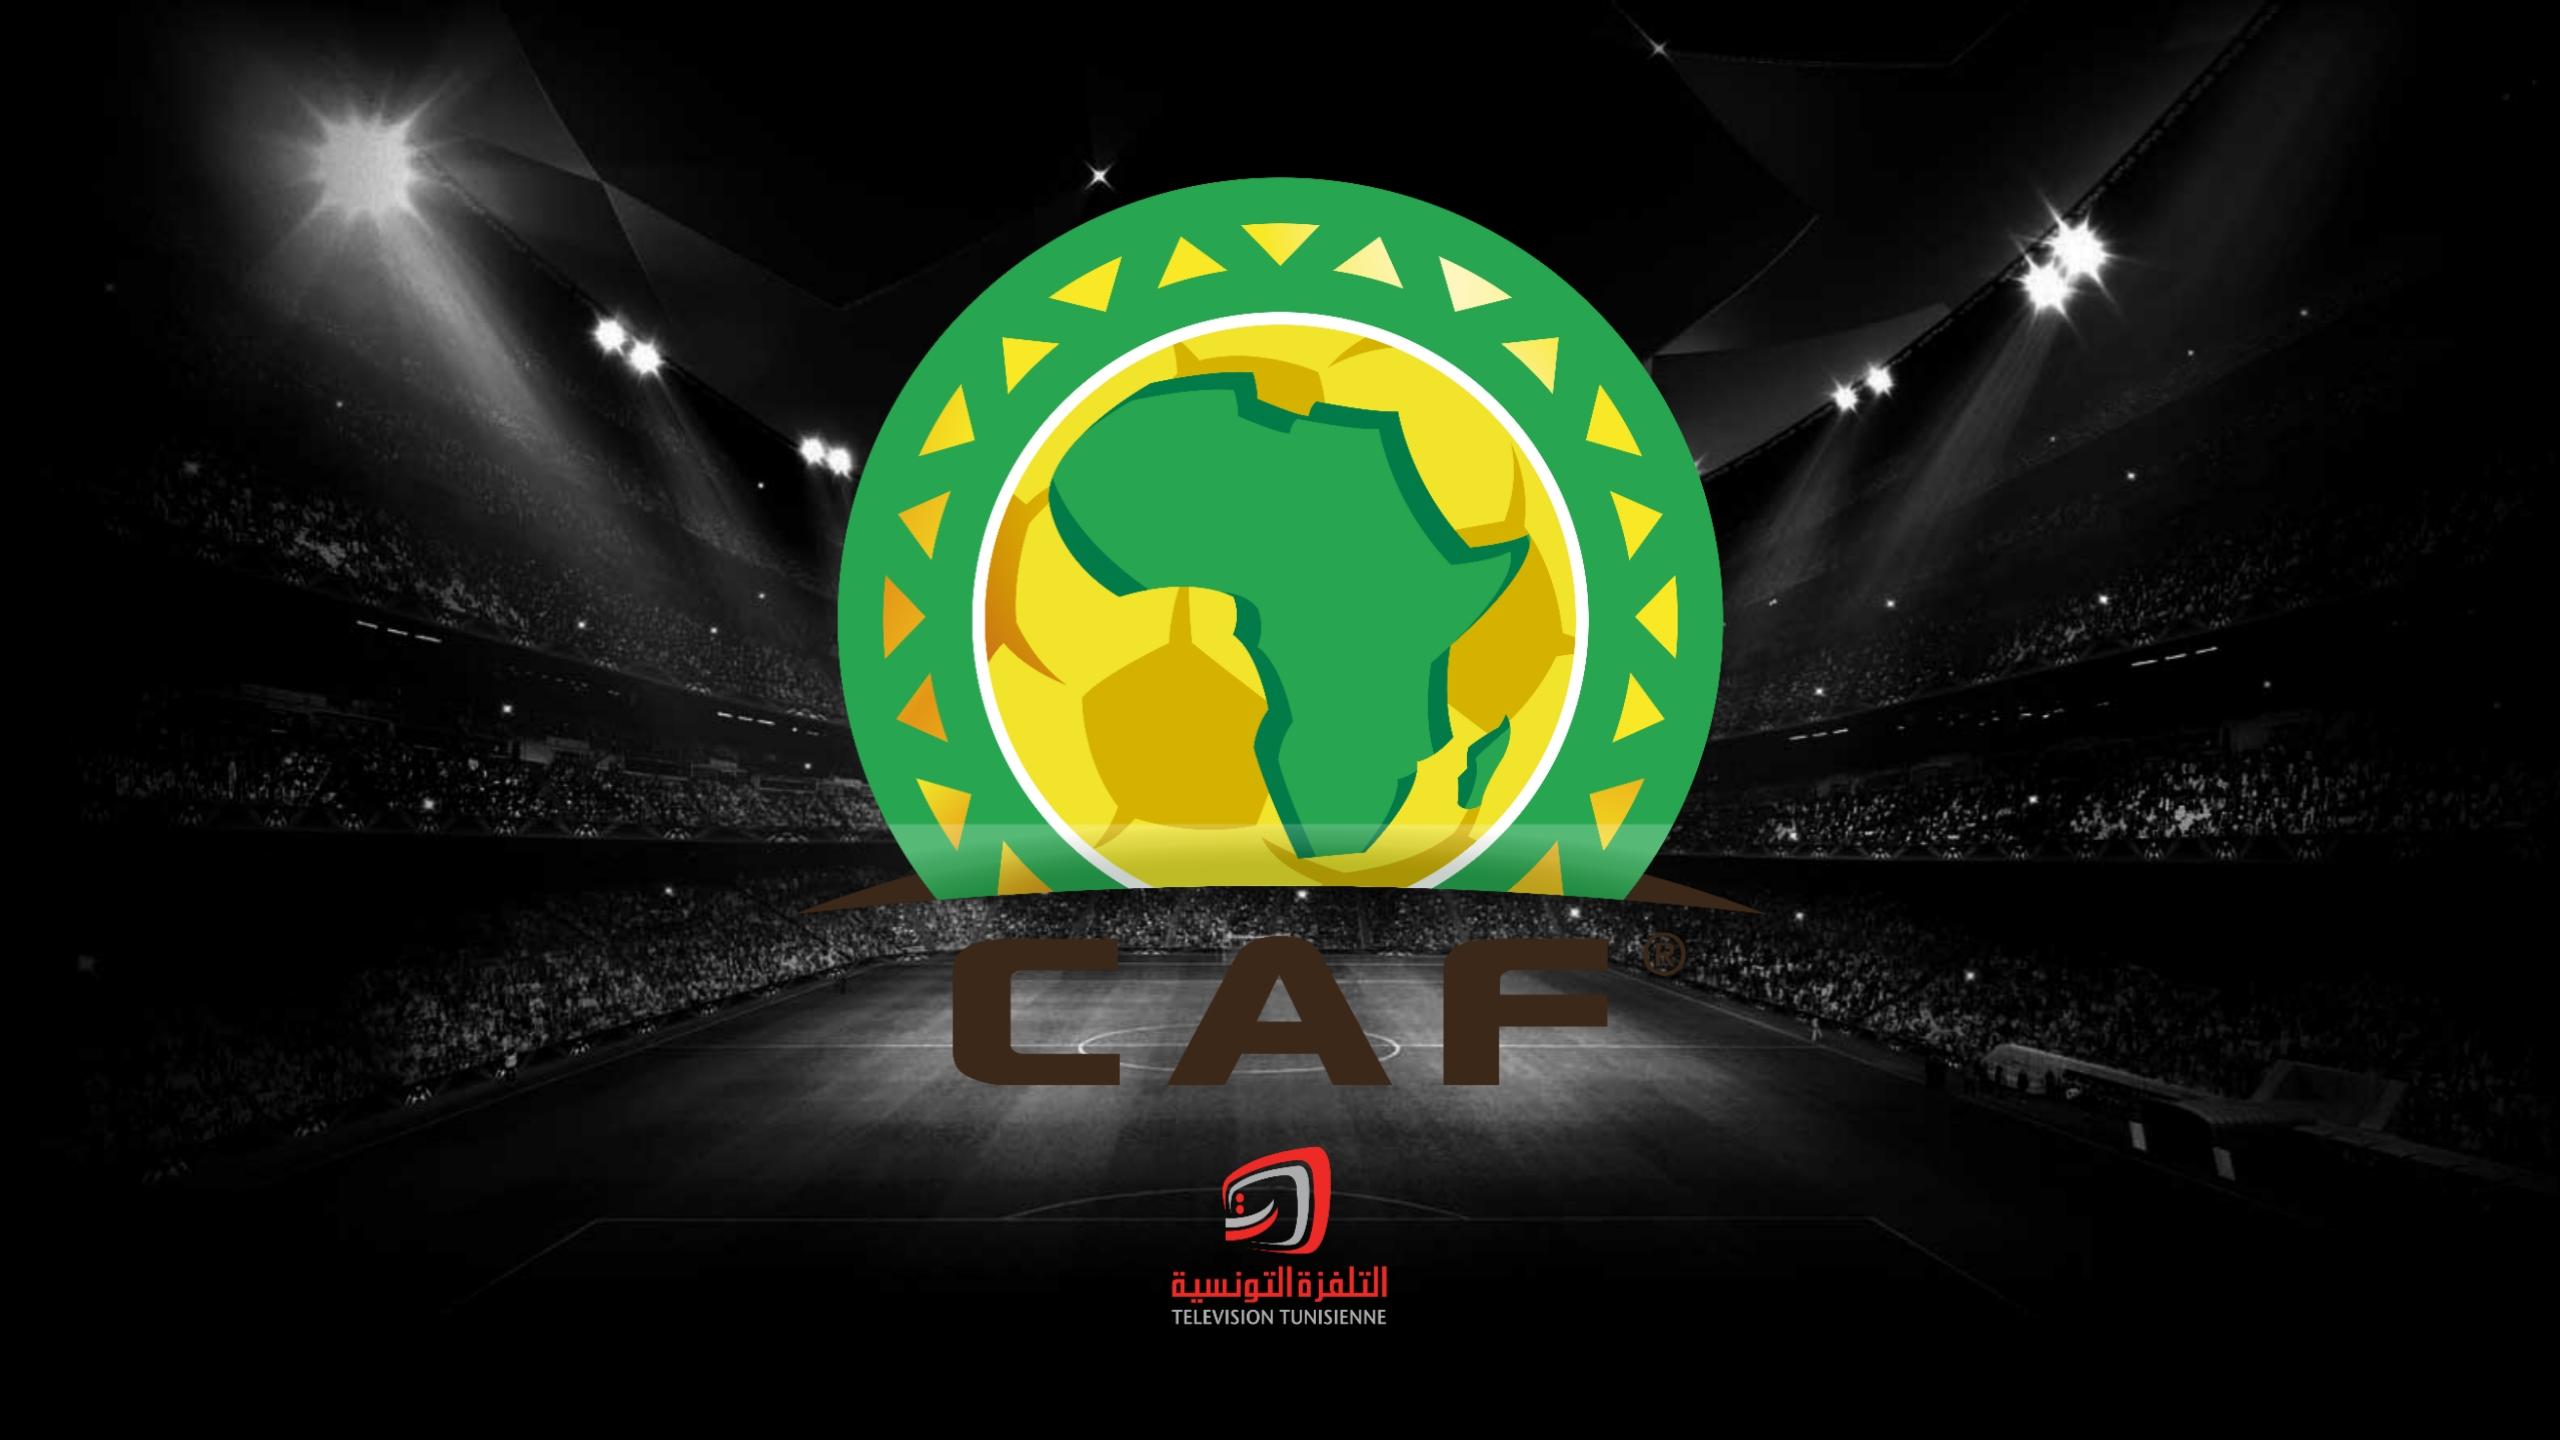 برنامج مباريات الجولة الرابعة من دور مجموعات رابطة الأبطال الافريقية